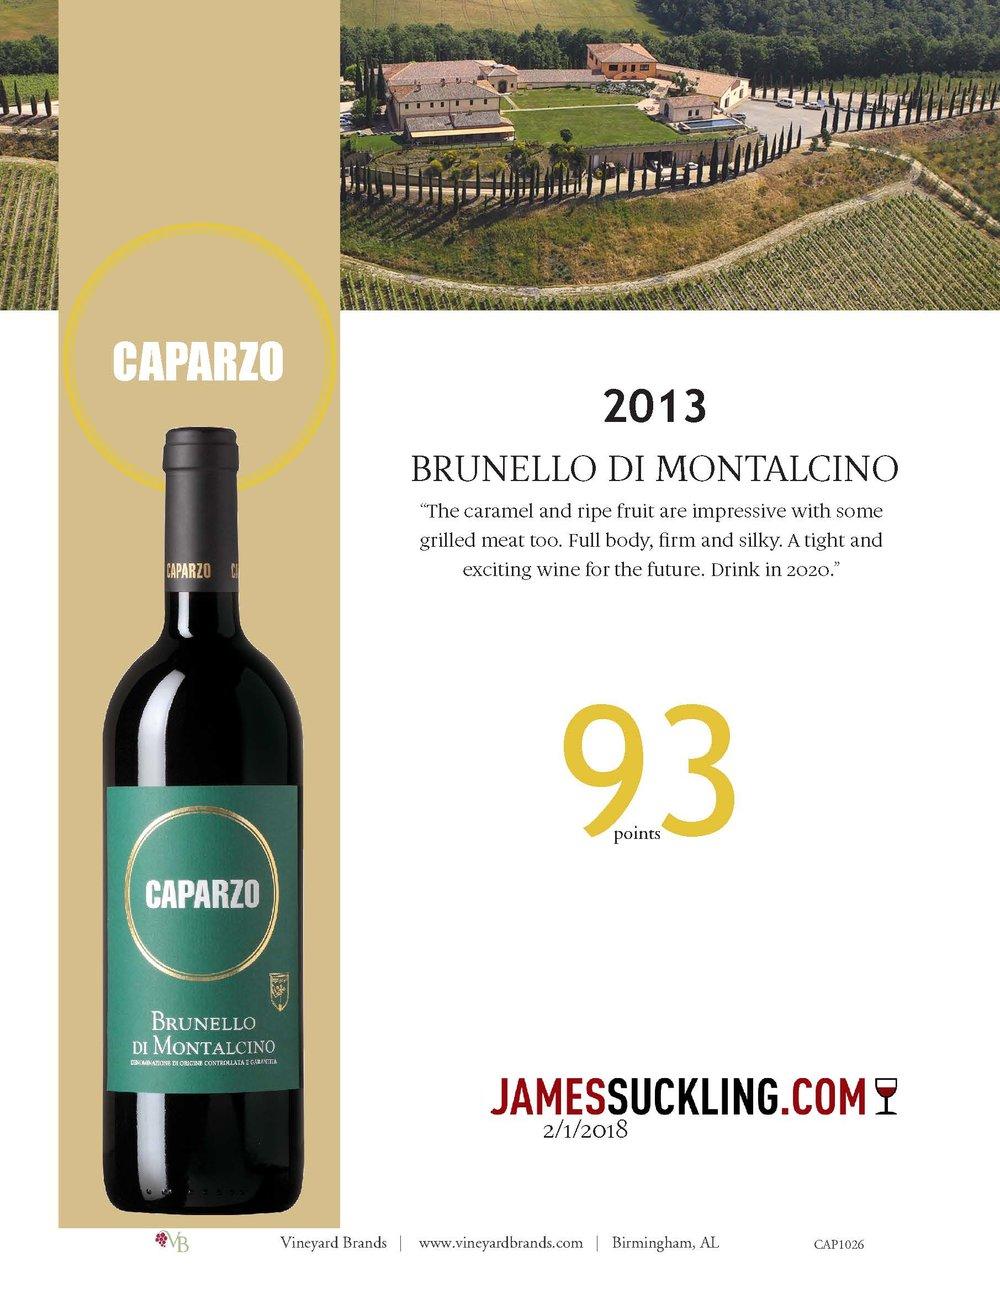 Caparzo Brunello di Montalcino 2013.jpg